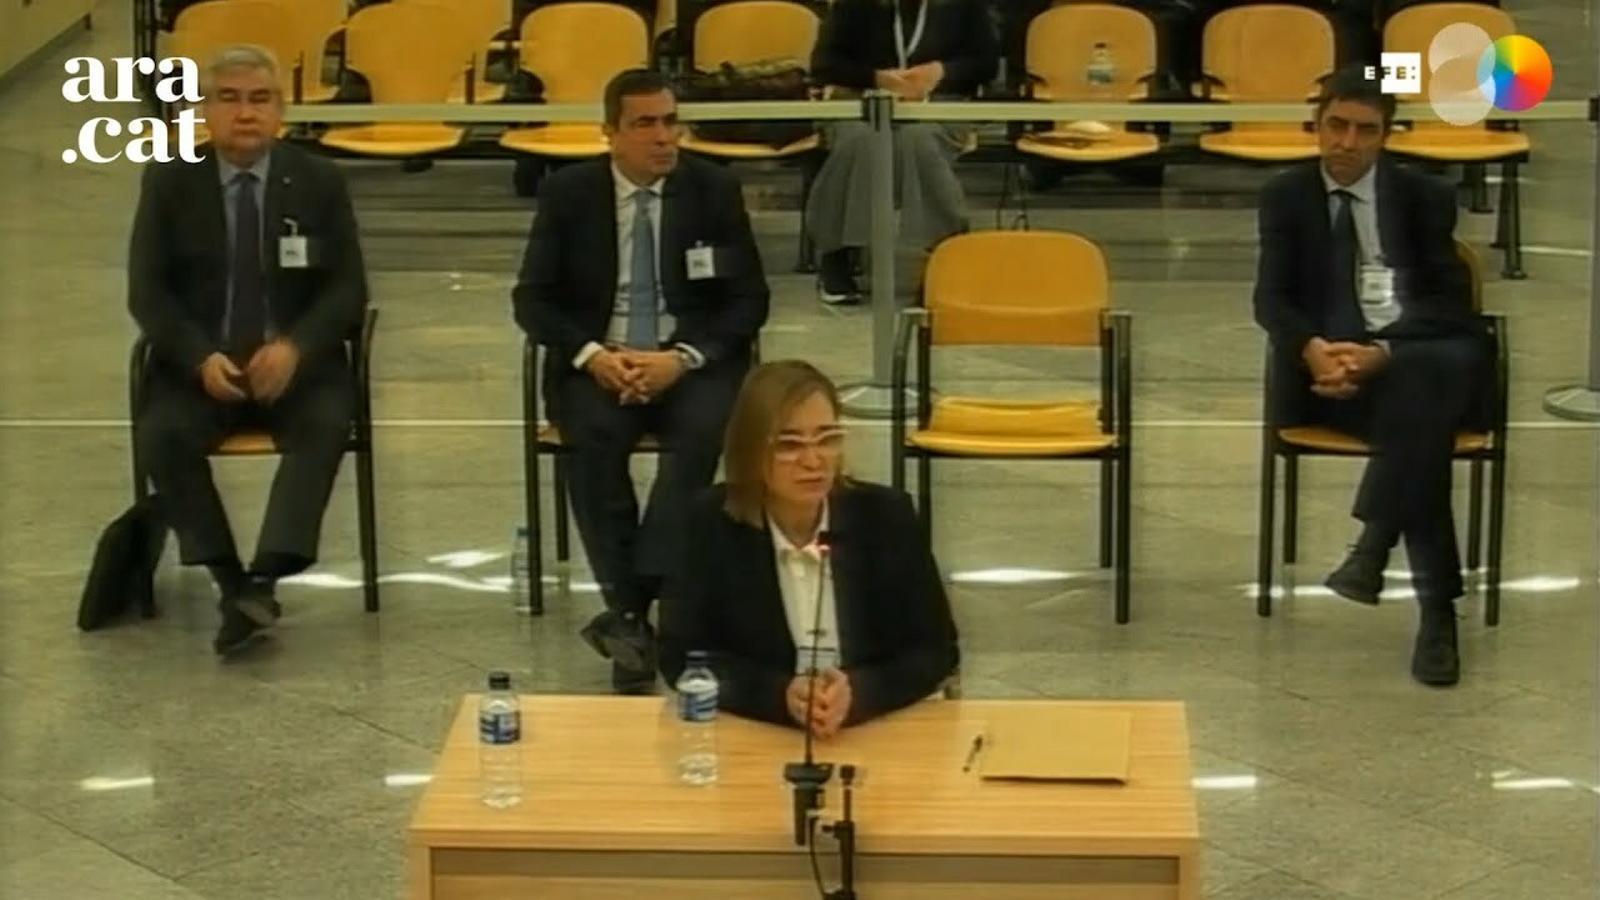 """Laplana: """"Sànchez venia a col·laborar per fer un passadís, no tenia cap autoritat per exigir res"""""""